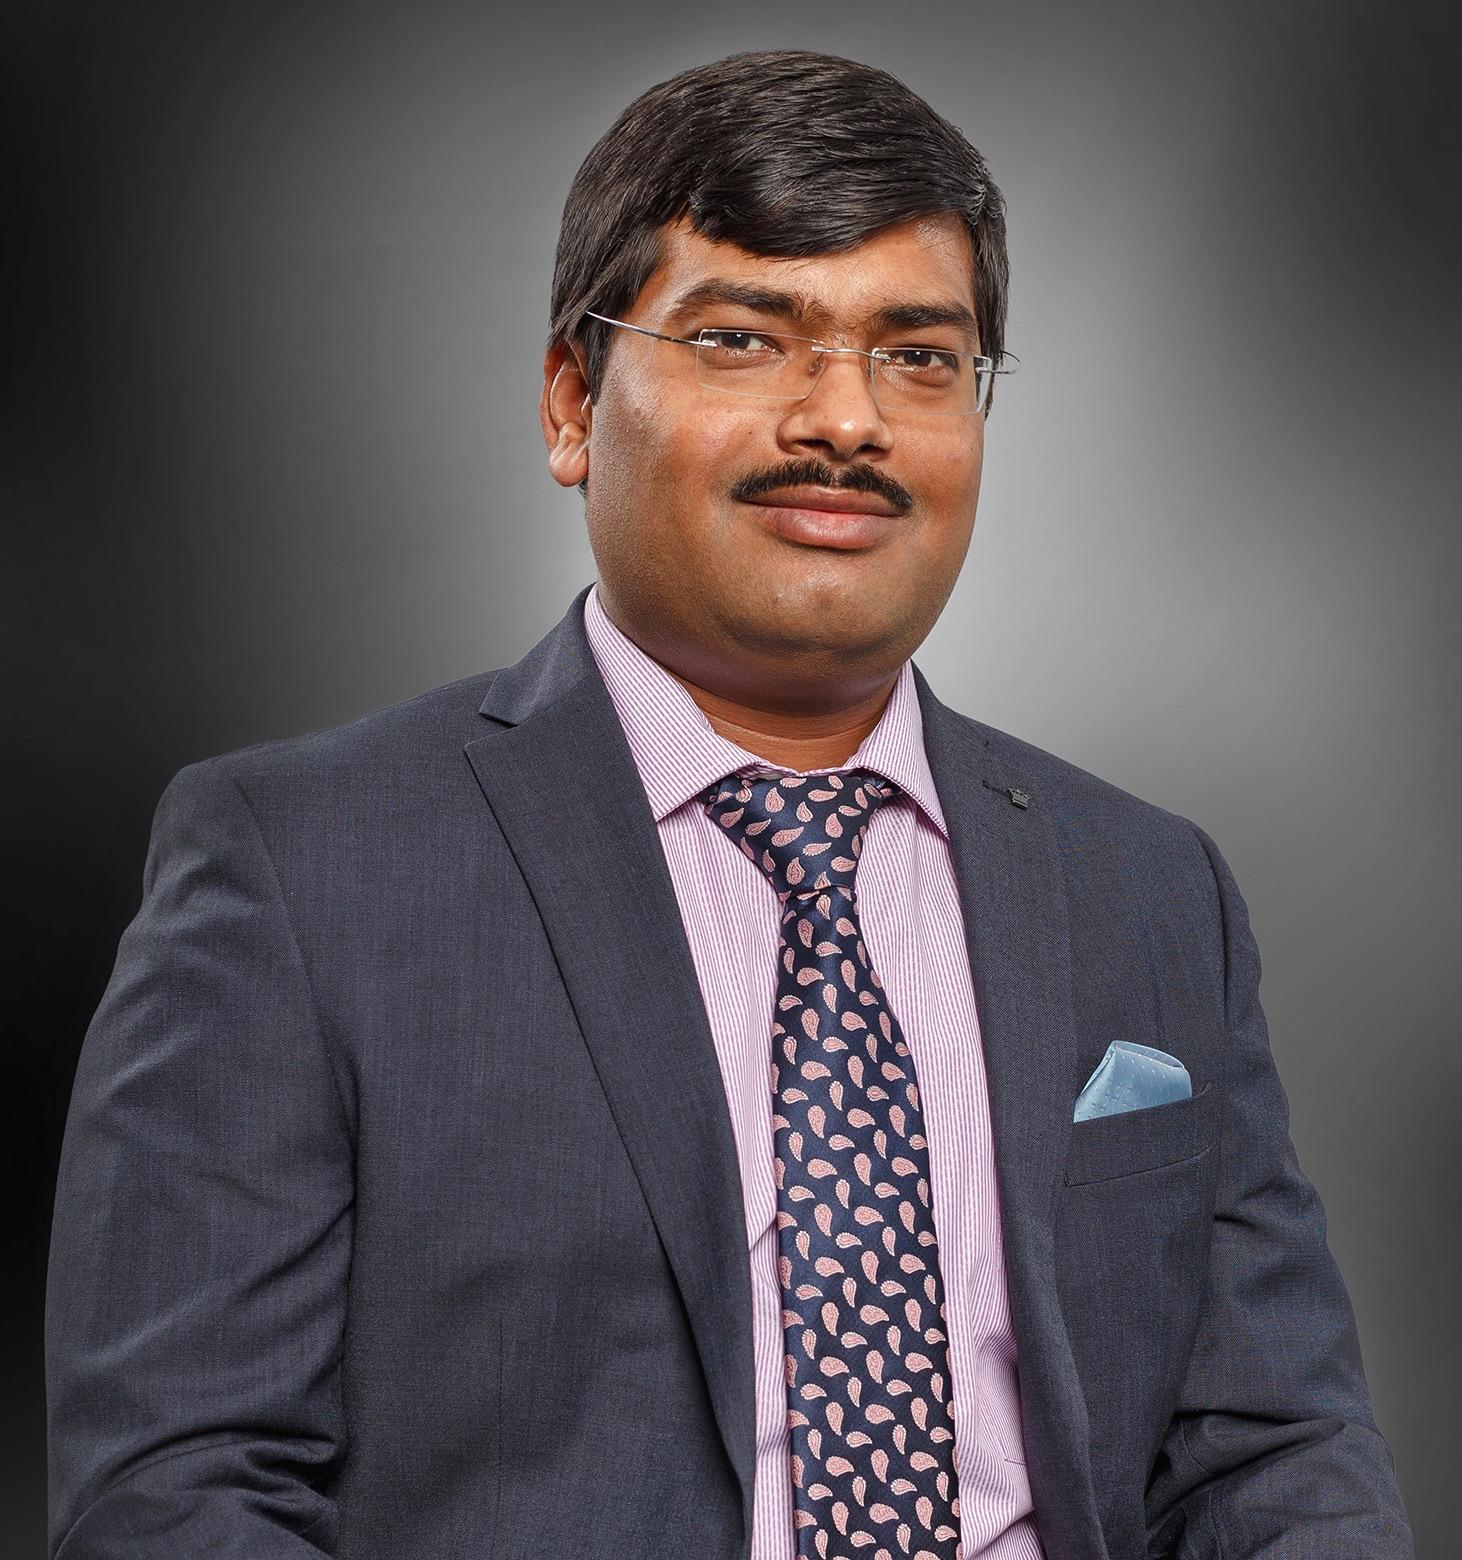 Shivshankar undefined Biradar